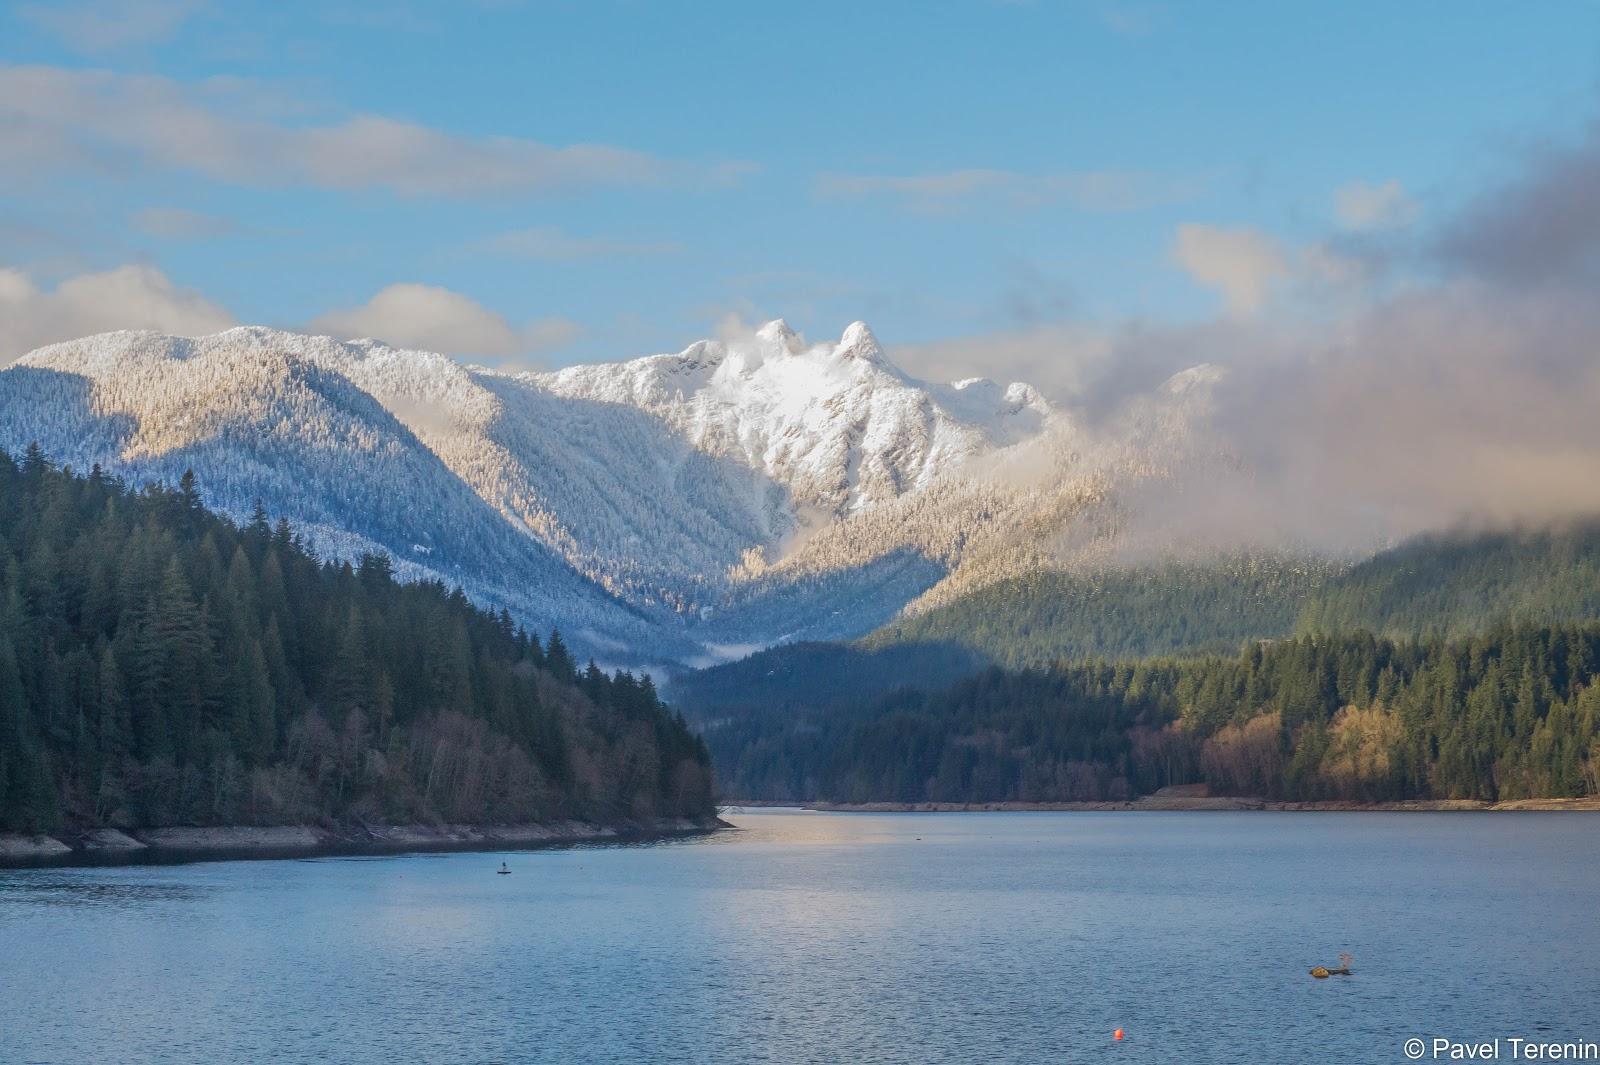 Здесь хорошо видна разница между осенью(весной?) внизу и зимой в горах.